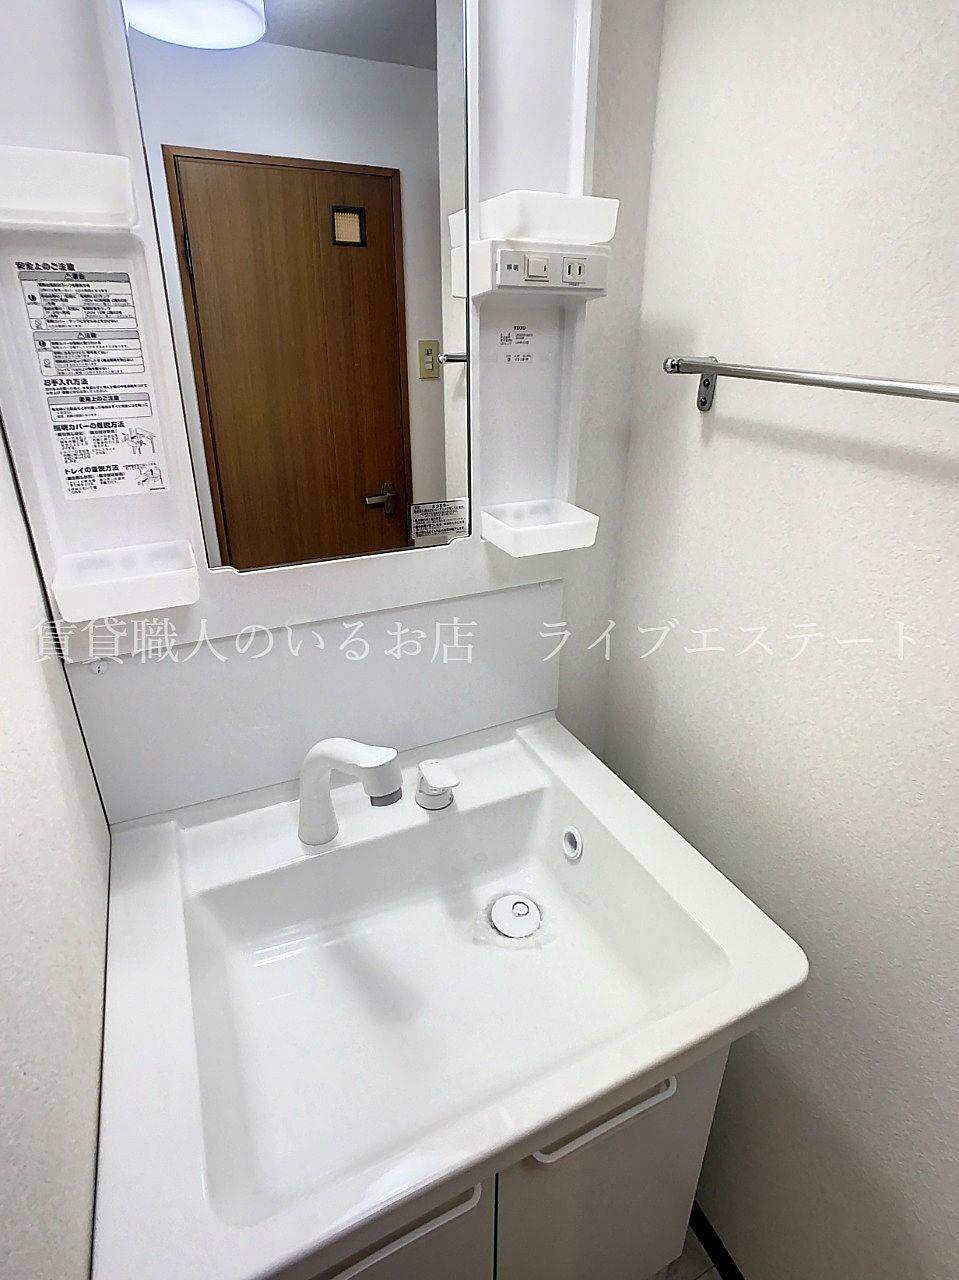 洗面ボウルのお掃除をした時シャワーだと流しやすいです